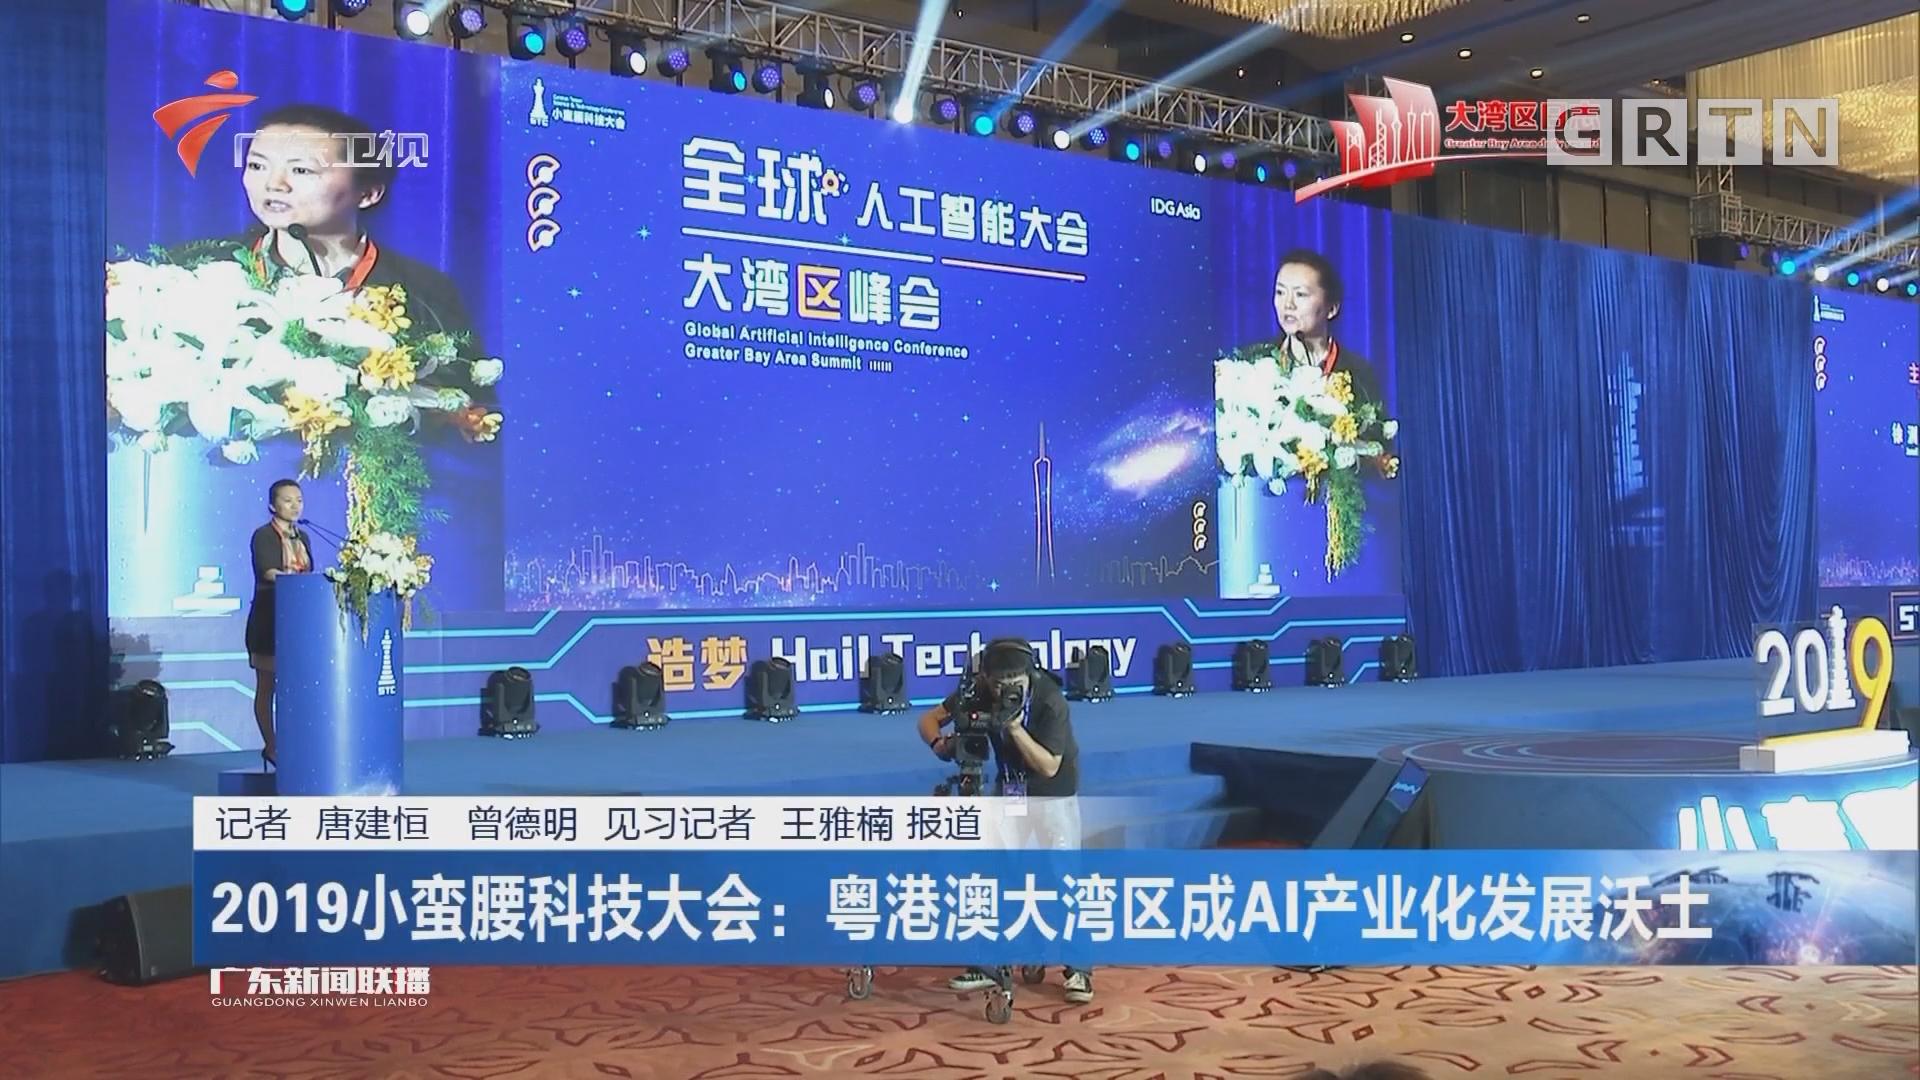 2019小蛮腰科技大会:粤港澳大湾区成AI产业化发展沃土